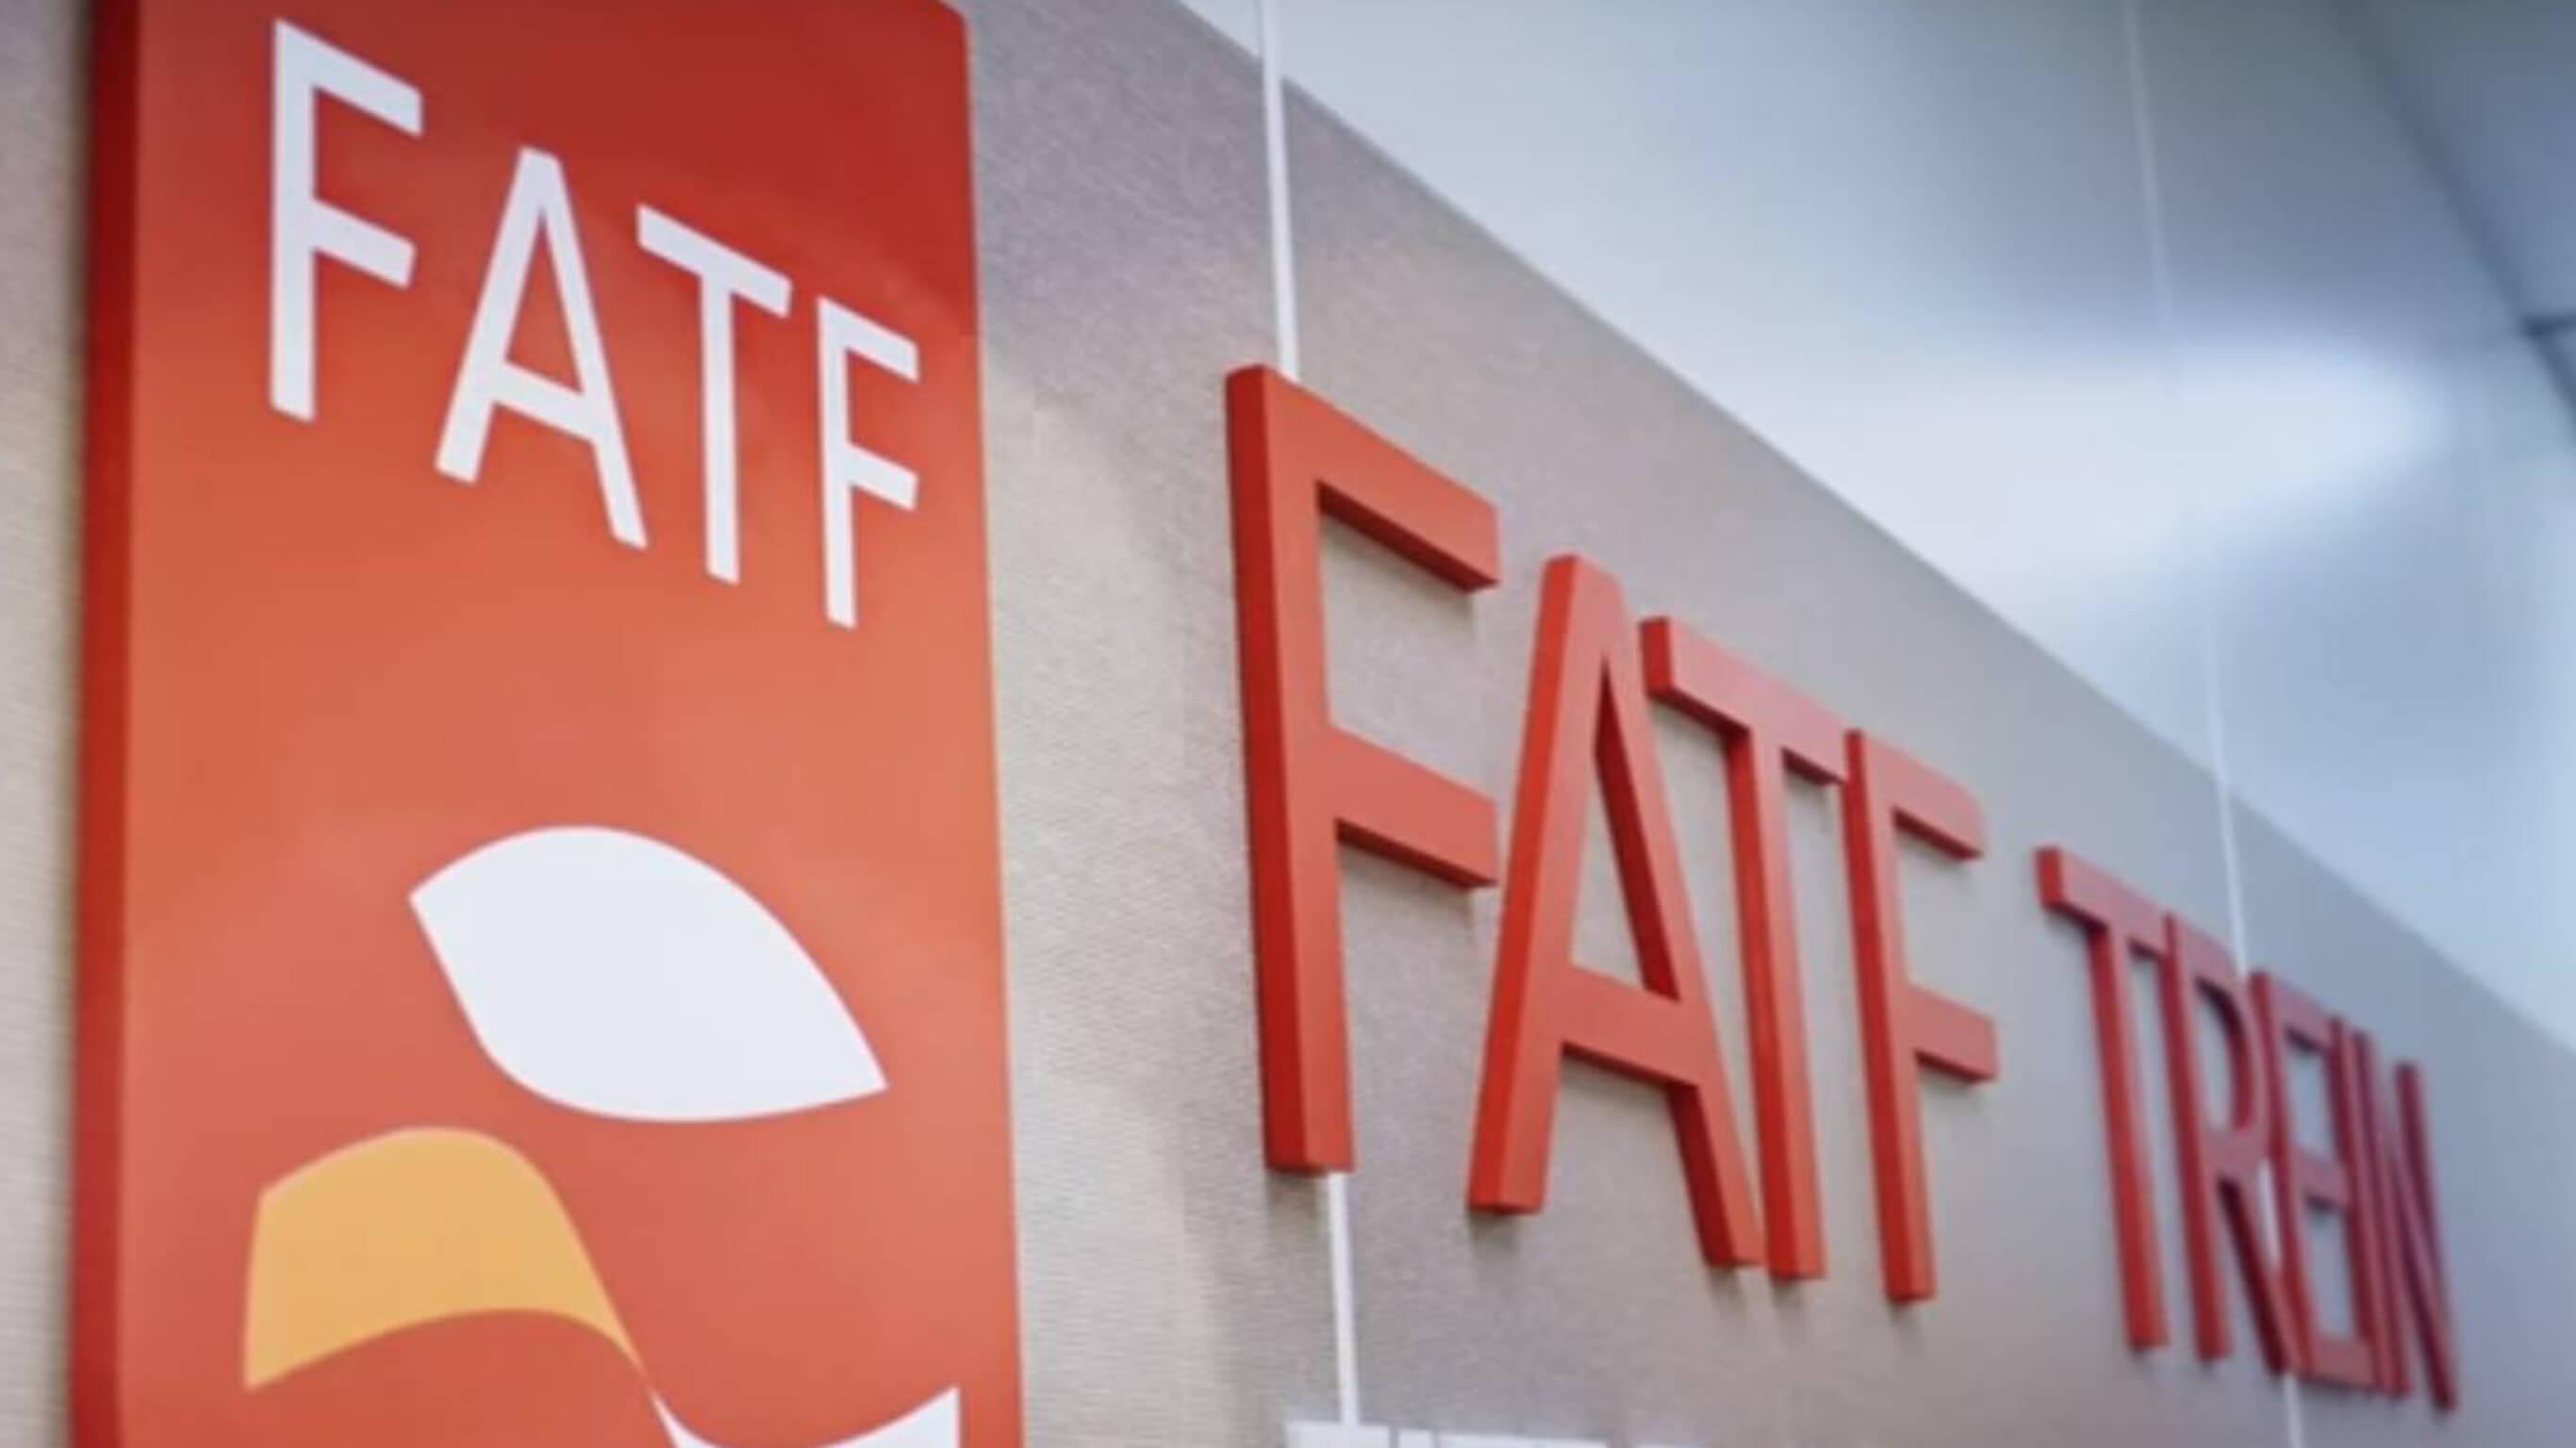 FATF разработает правила регулирования криптовалют к июню 2019 года